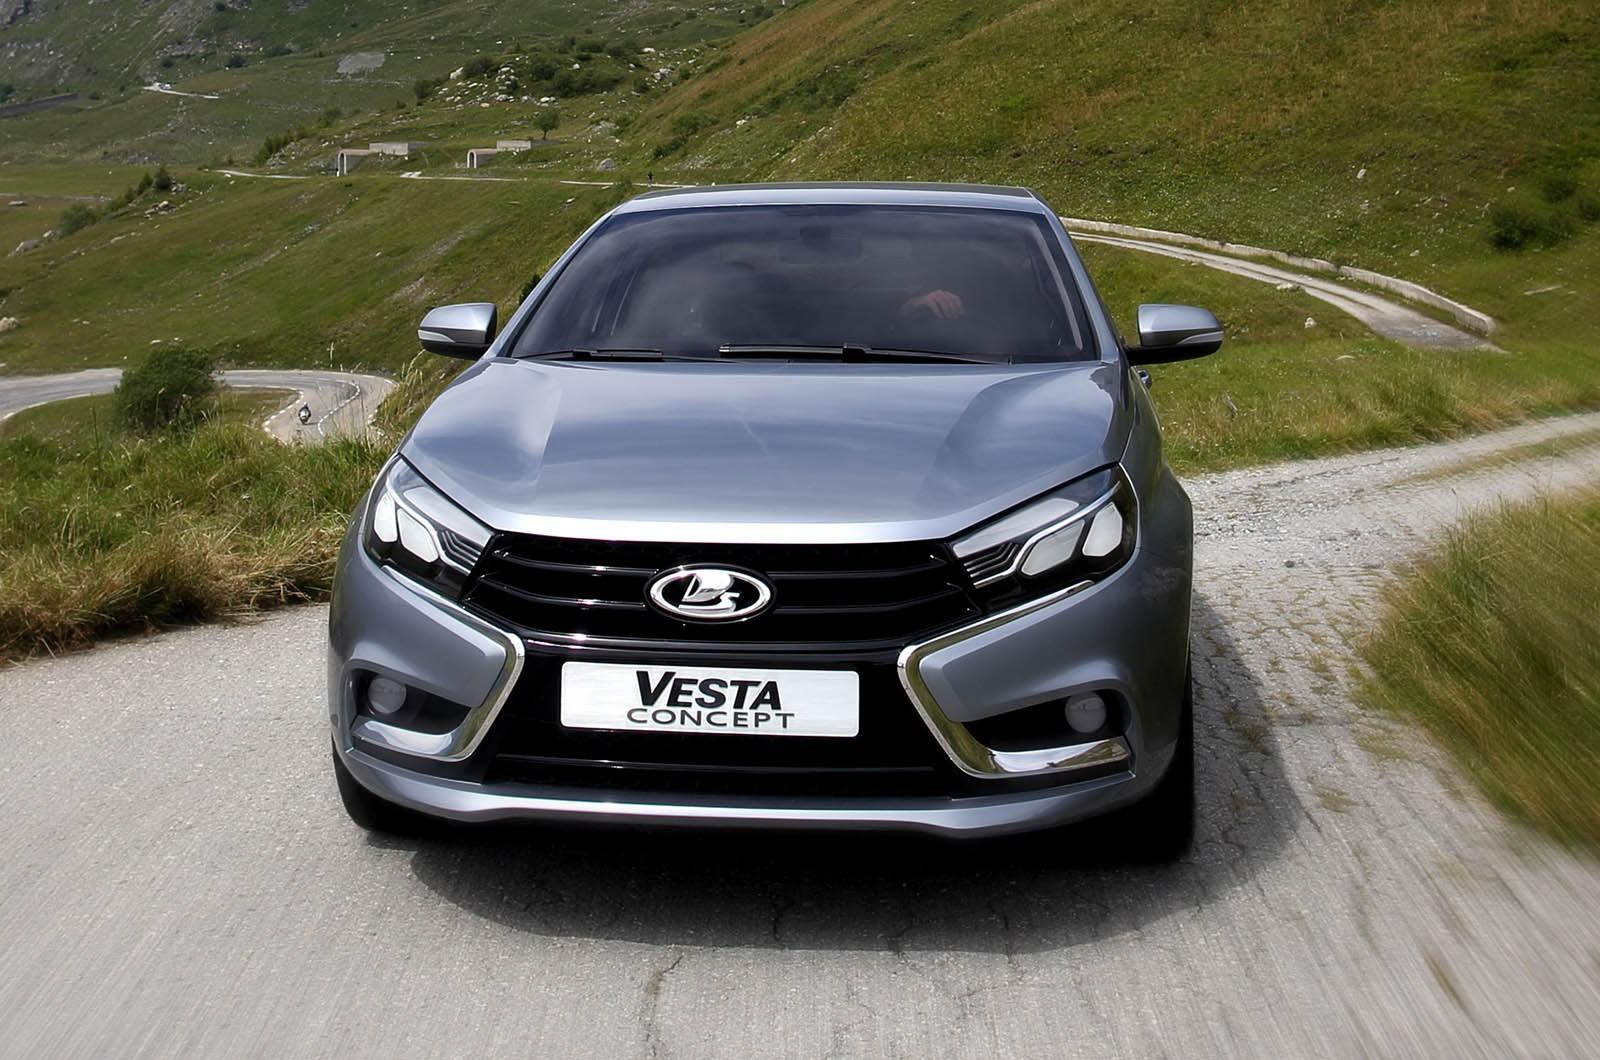 Lada vesta sw cross от 770 900 руб. – цены и комплектации.